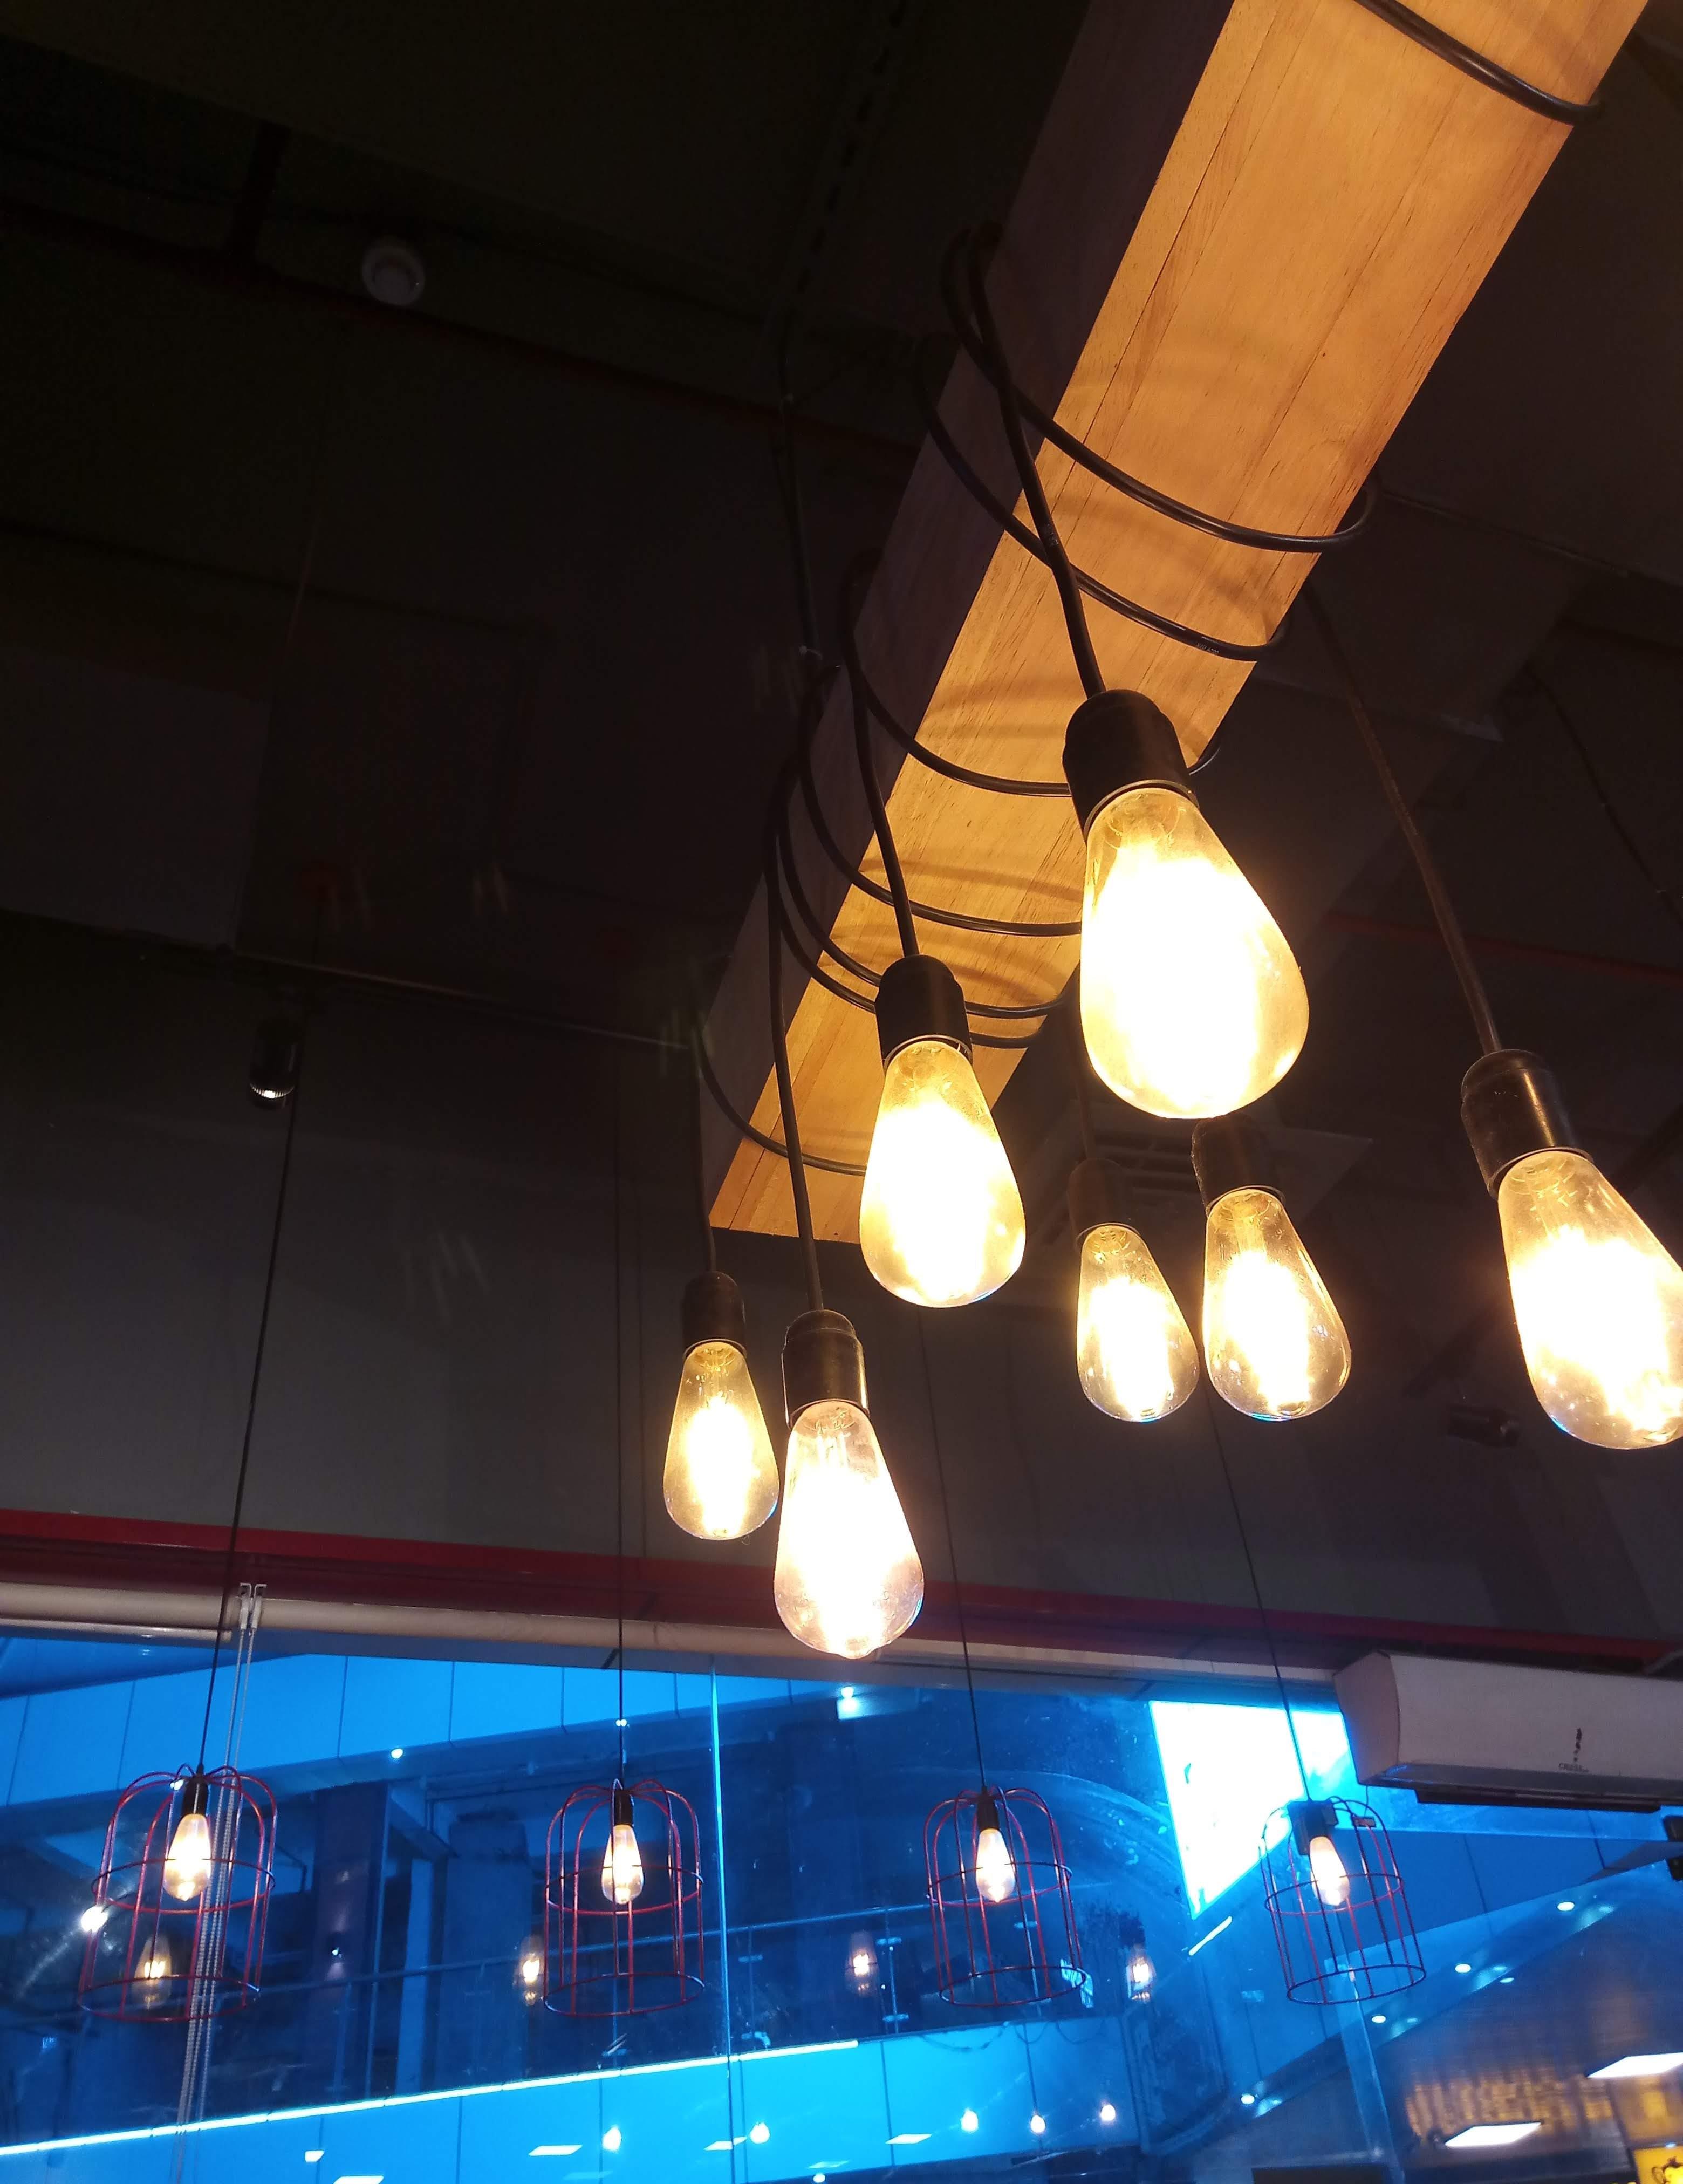 blue, brown, bulbs